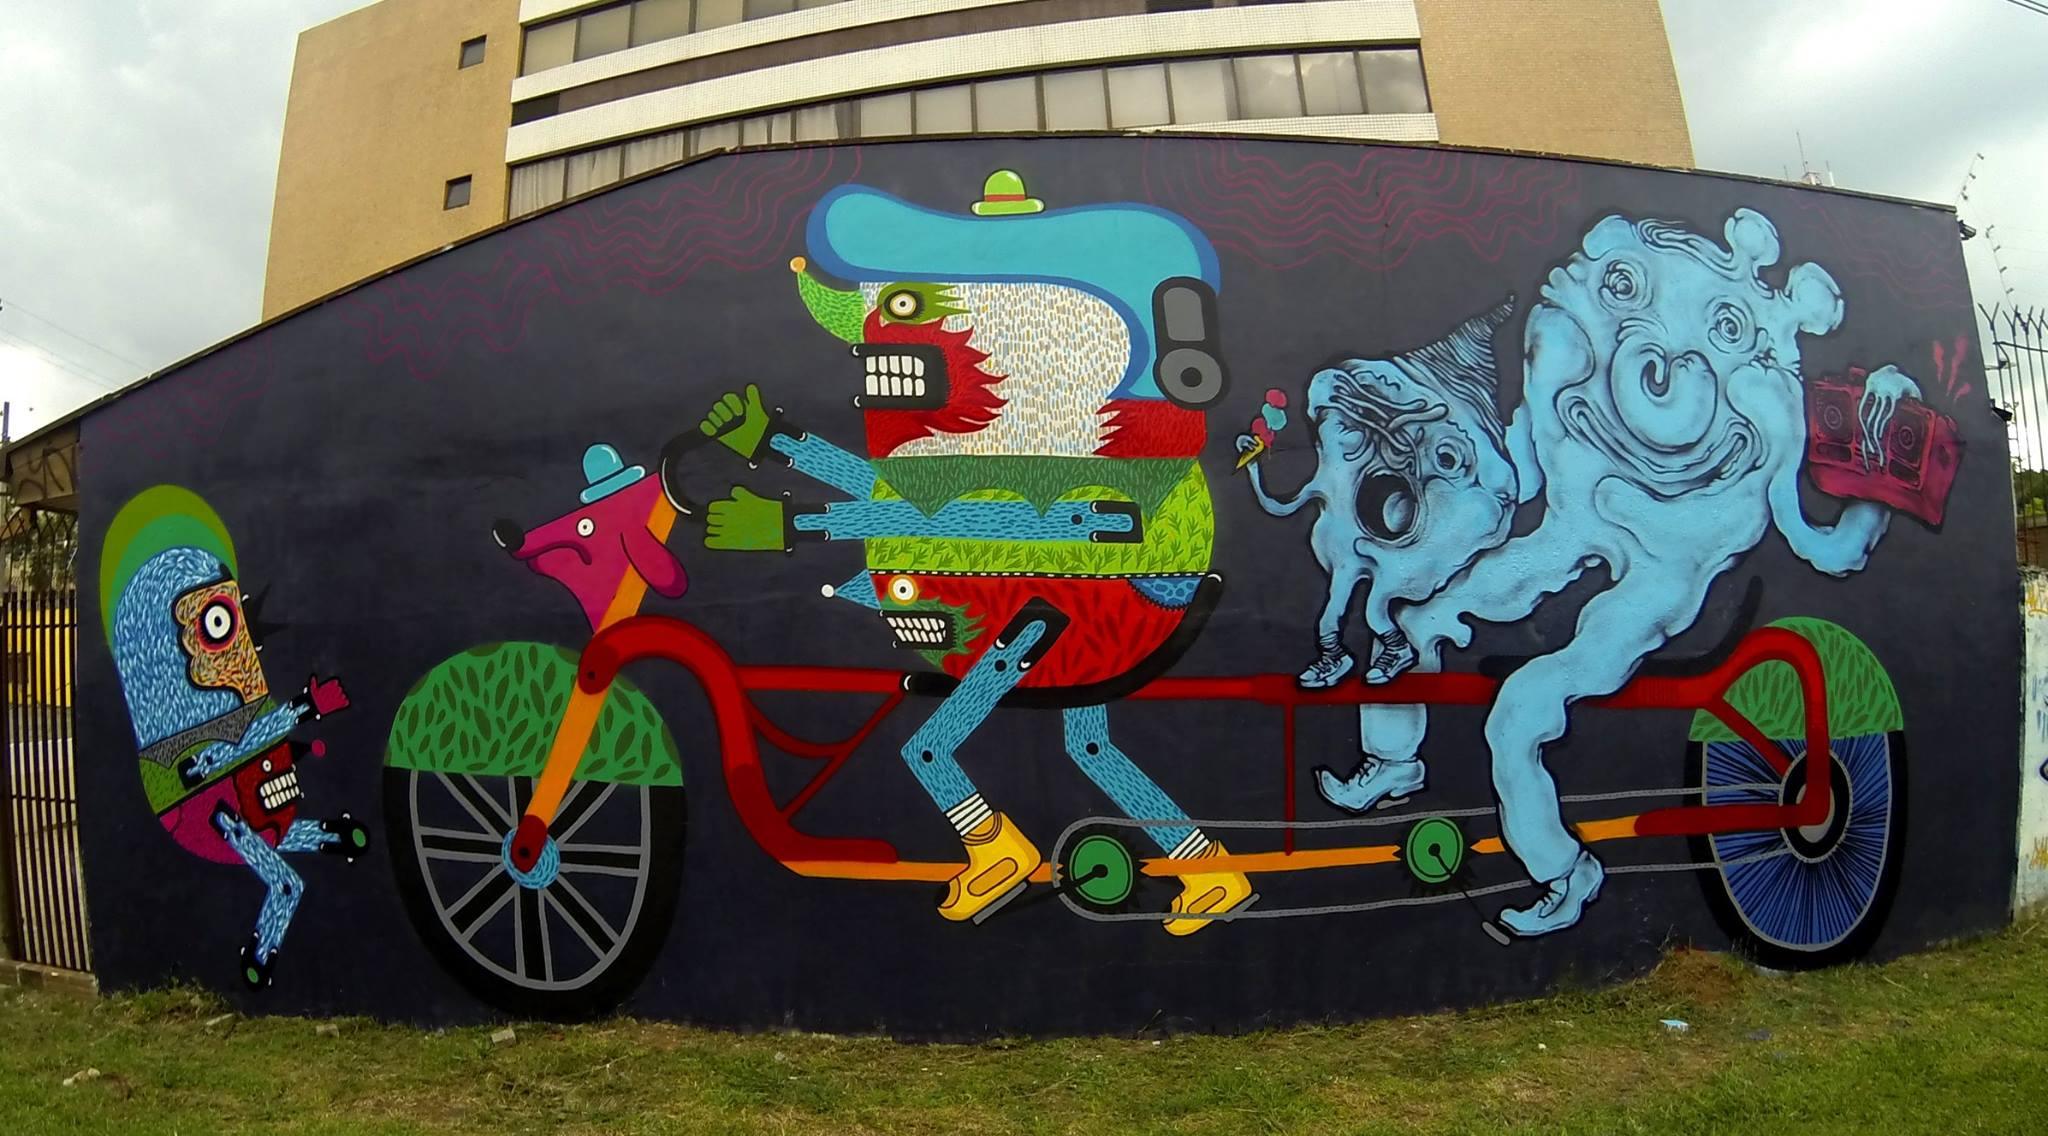 adriano-bohra-robolito-curitiba-graffiti-escultura-instalação-street-art-ilustração-dionisio-arte-15